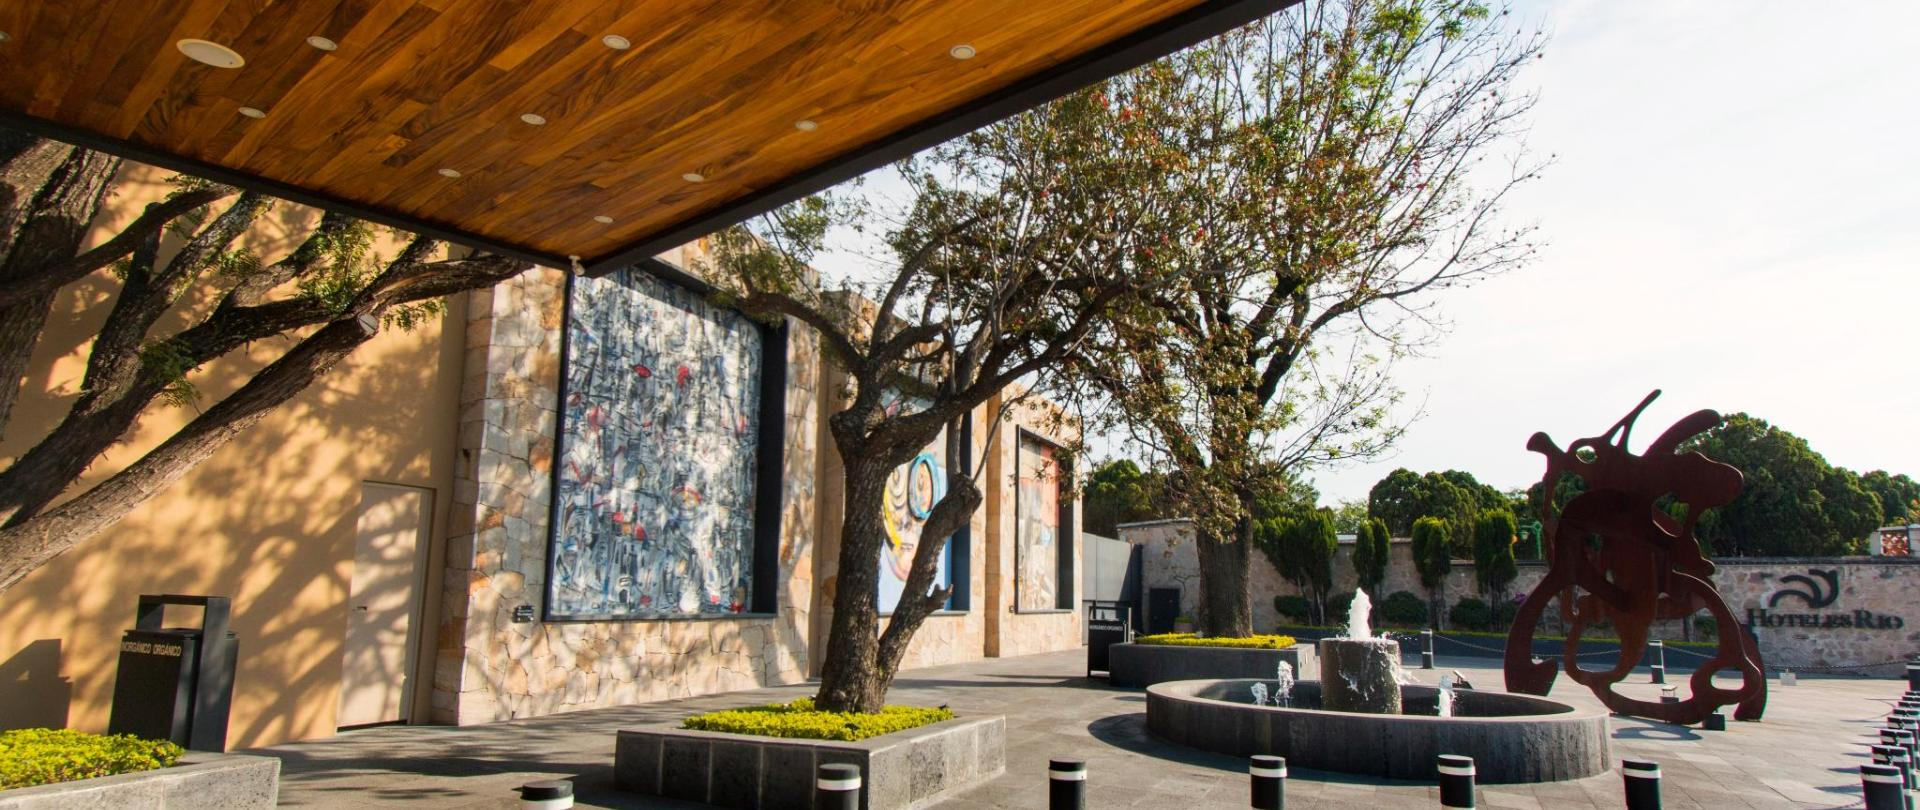 Hotel Rio Tequisquiapan Entrada Principal (8) - copia.jpg